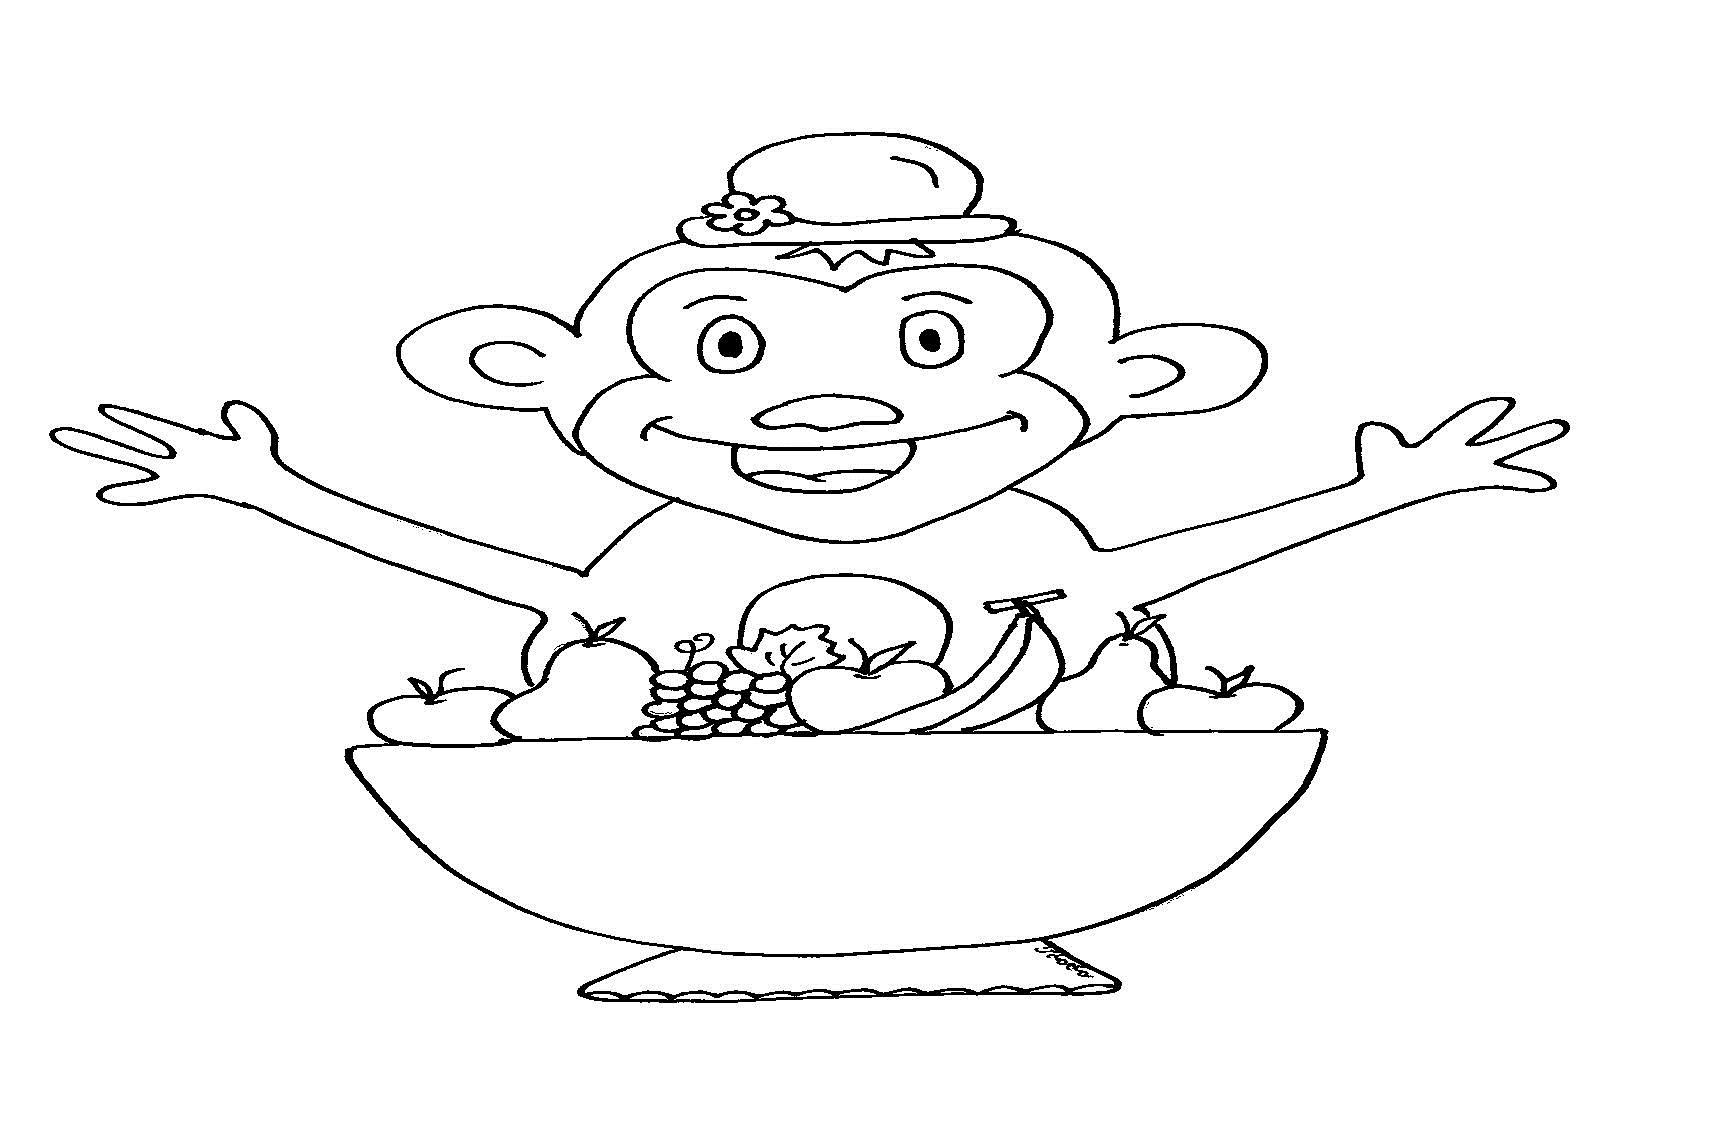 דף ציור קוף